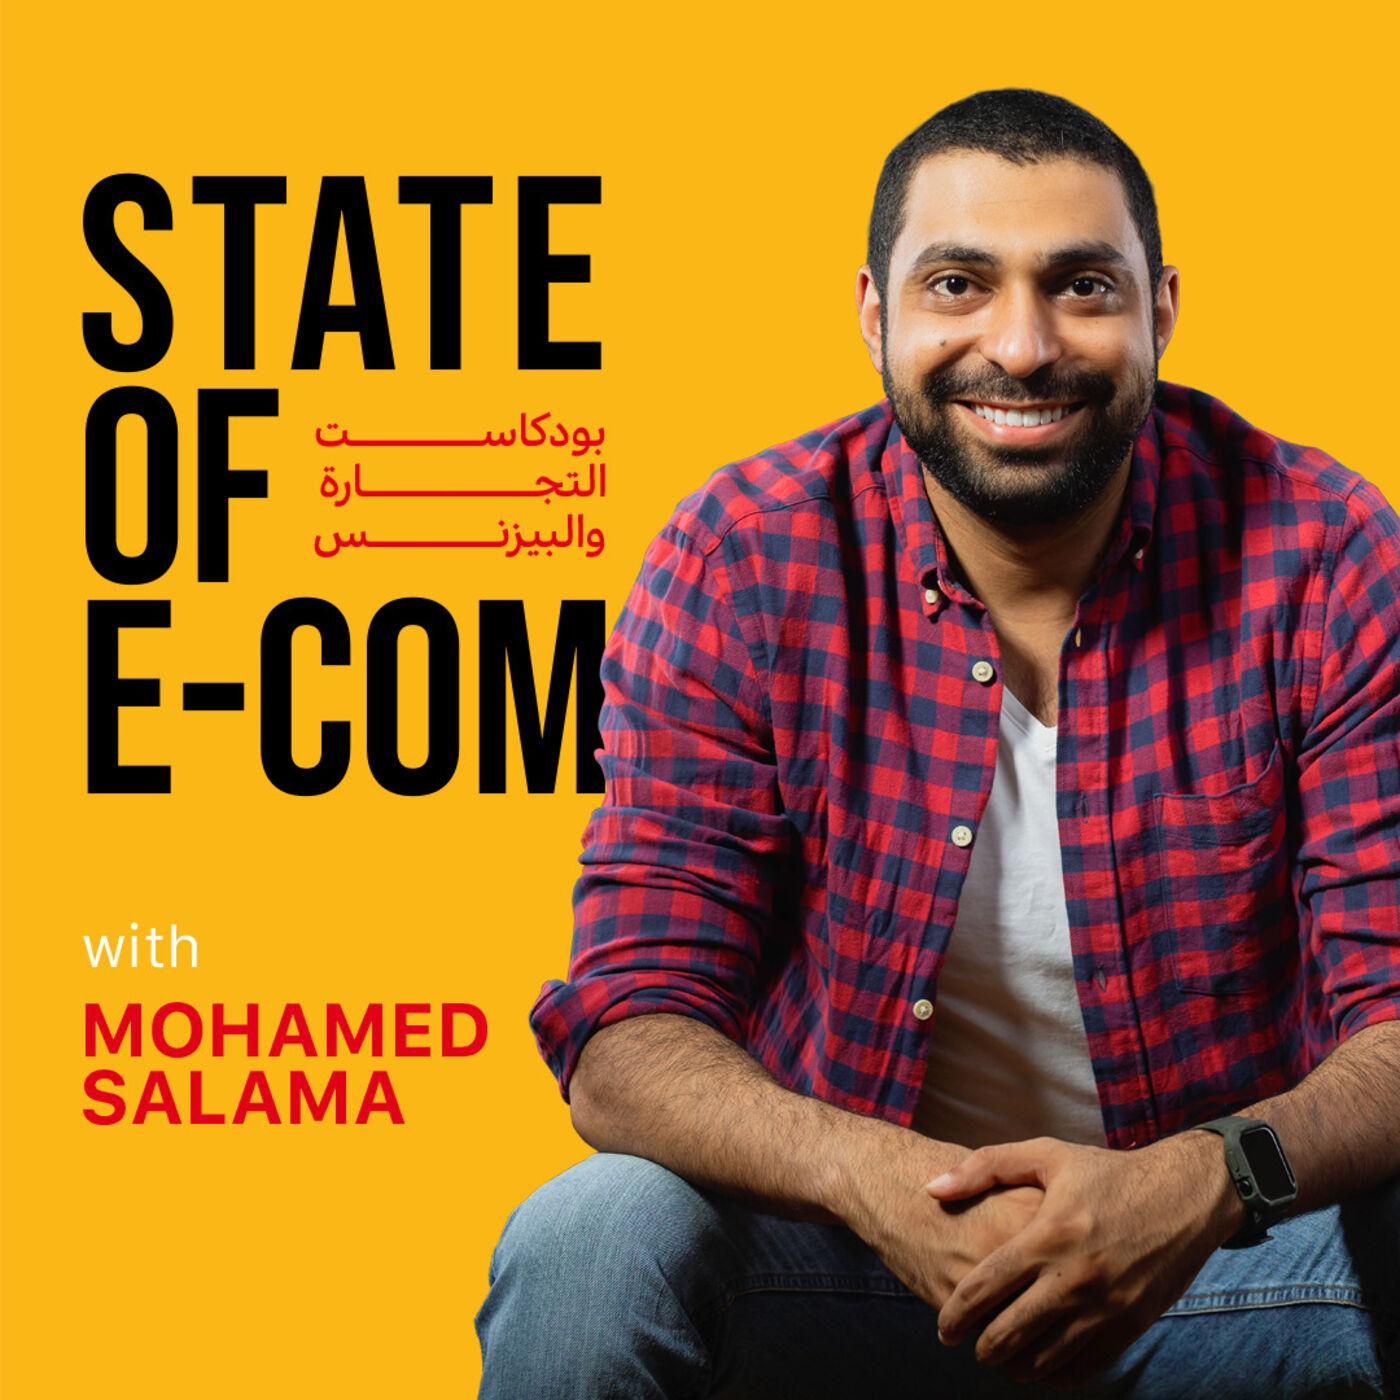 مفيش تجارة إلكترونية من غير ويب سايت في ٢٠٢٠ - حوار مع عبد القادر خالد من شركة Zammit